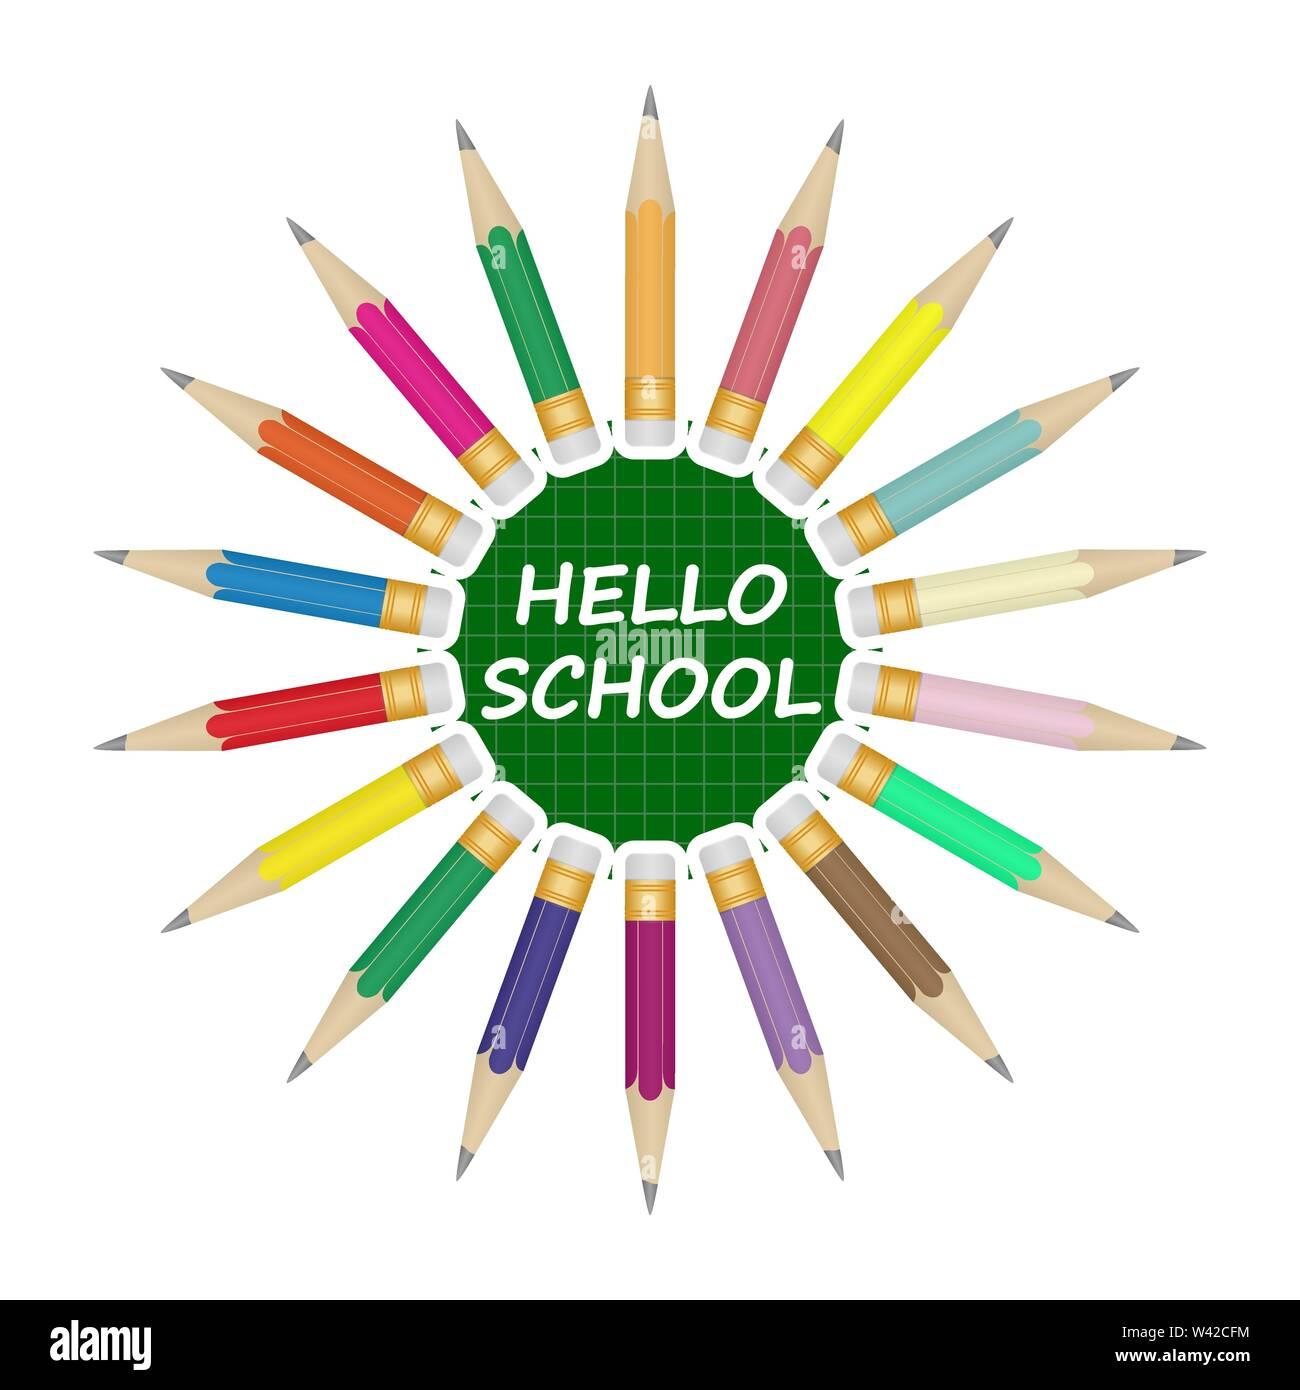 Set di pennarelli colorati disposti in un cerchio. Al centro su uno sfondo verde, iscrizione Ciao a scuola. Immagini Stock